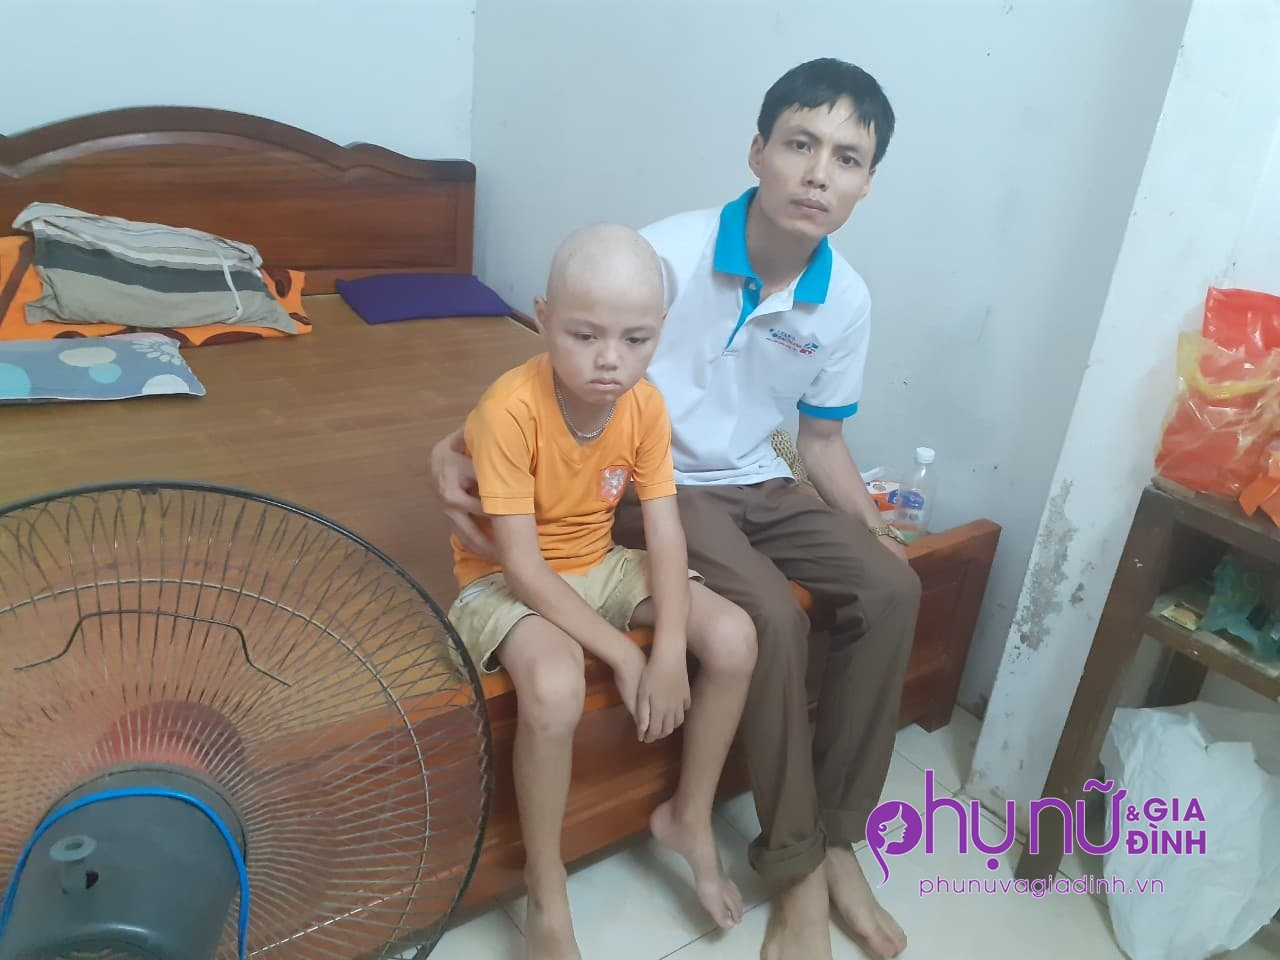 43 triệu đồng đến với bé trai 9 tuổi suốt 7 năm mắc bệnh hiểm nghèo không tiền chữa trị - Ảnh 3